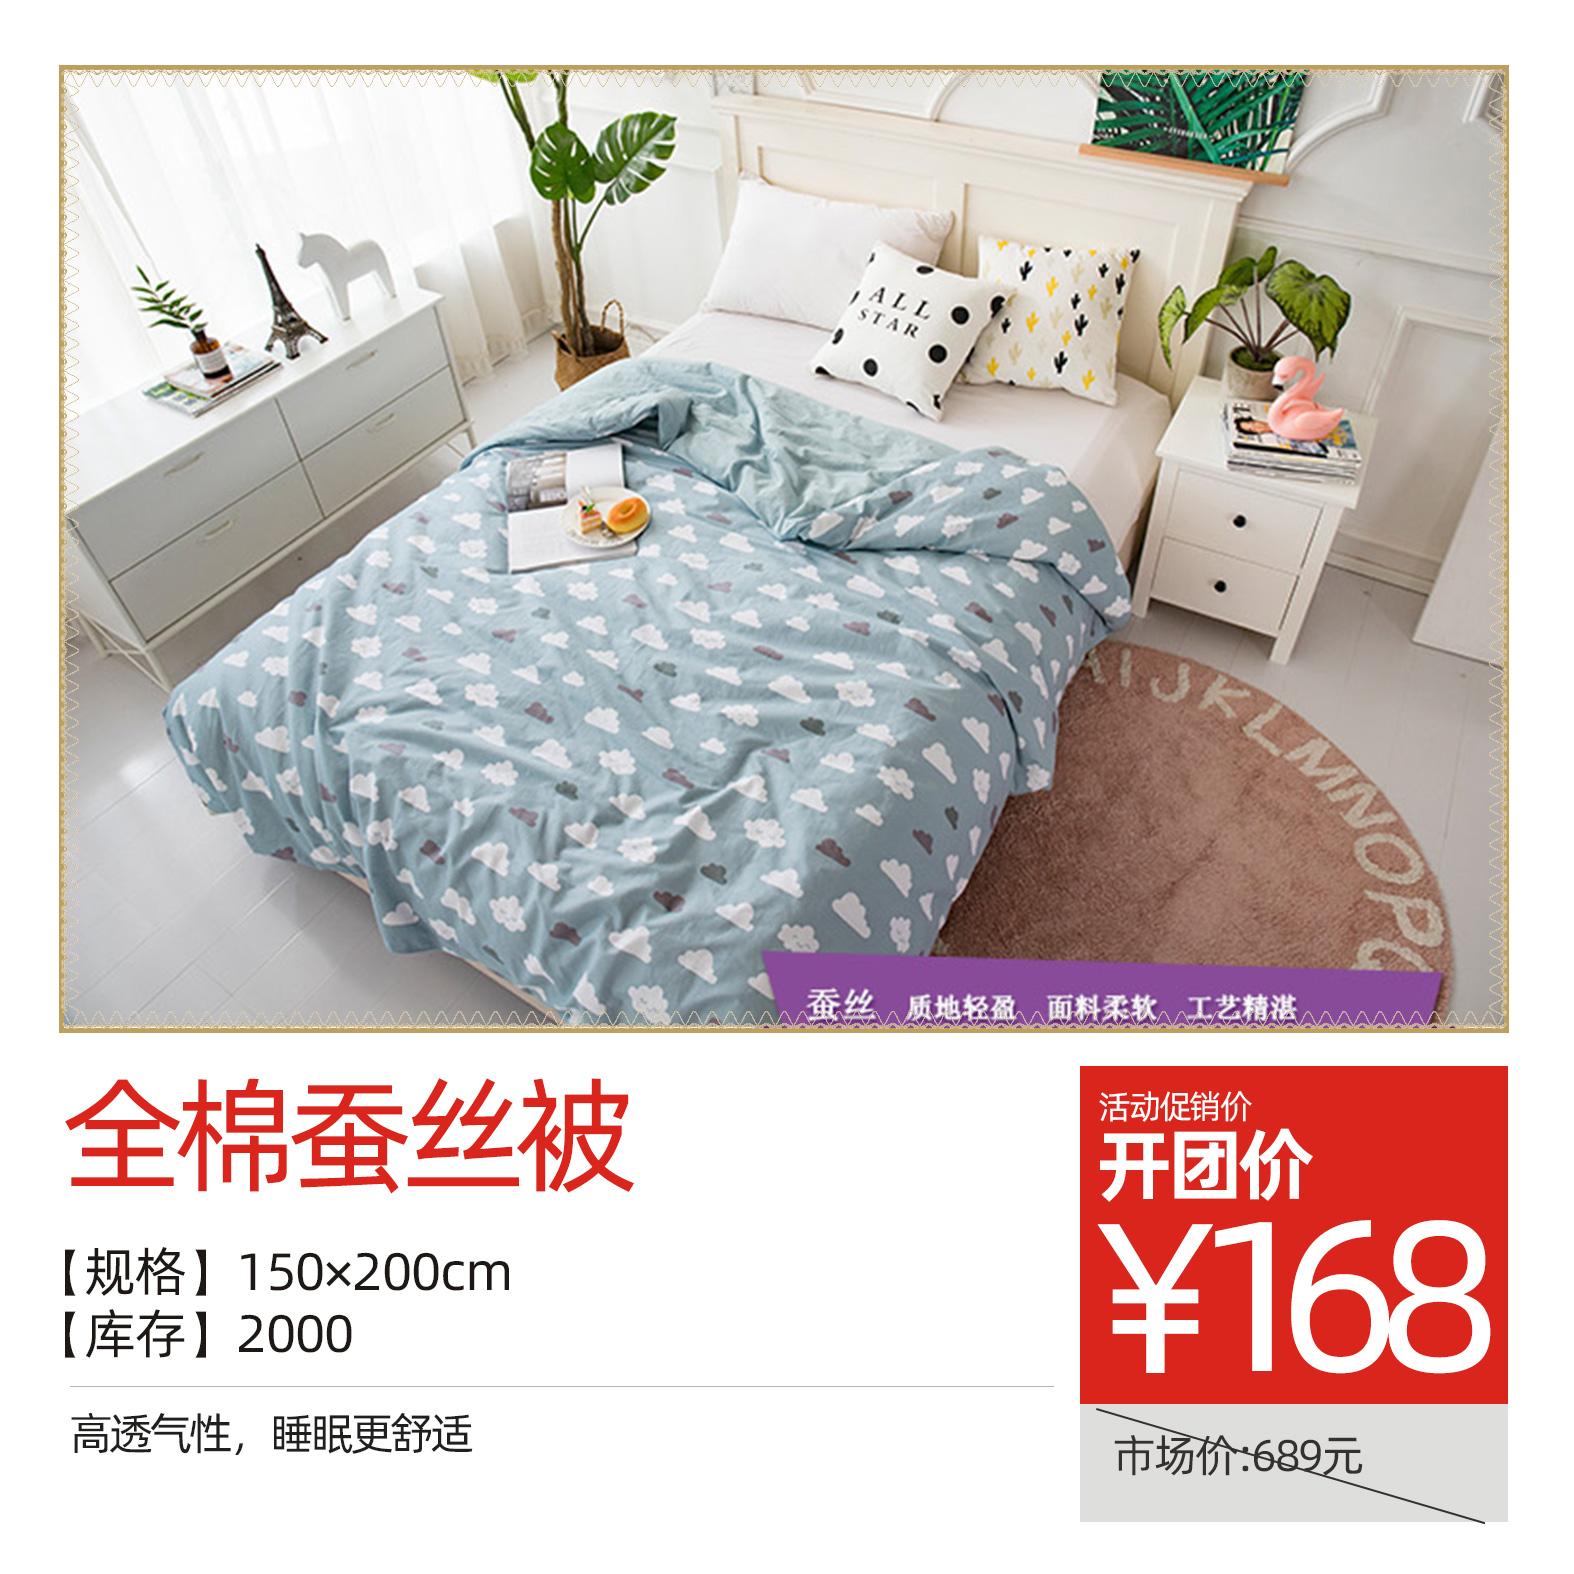 全棉蚕丝被150×200cm